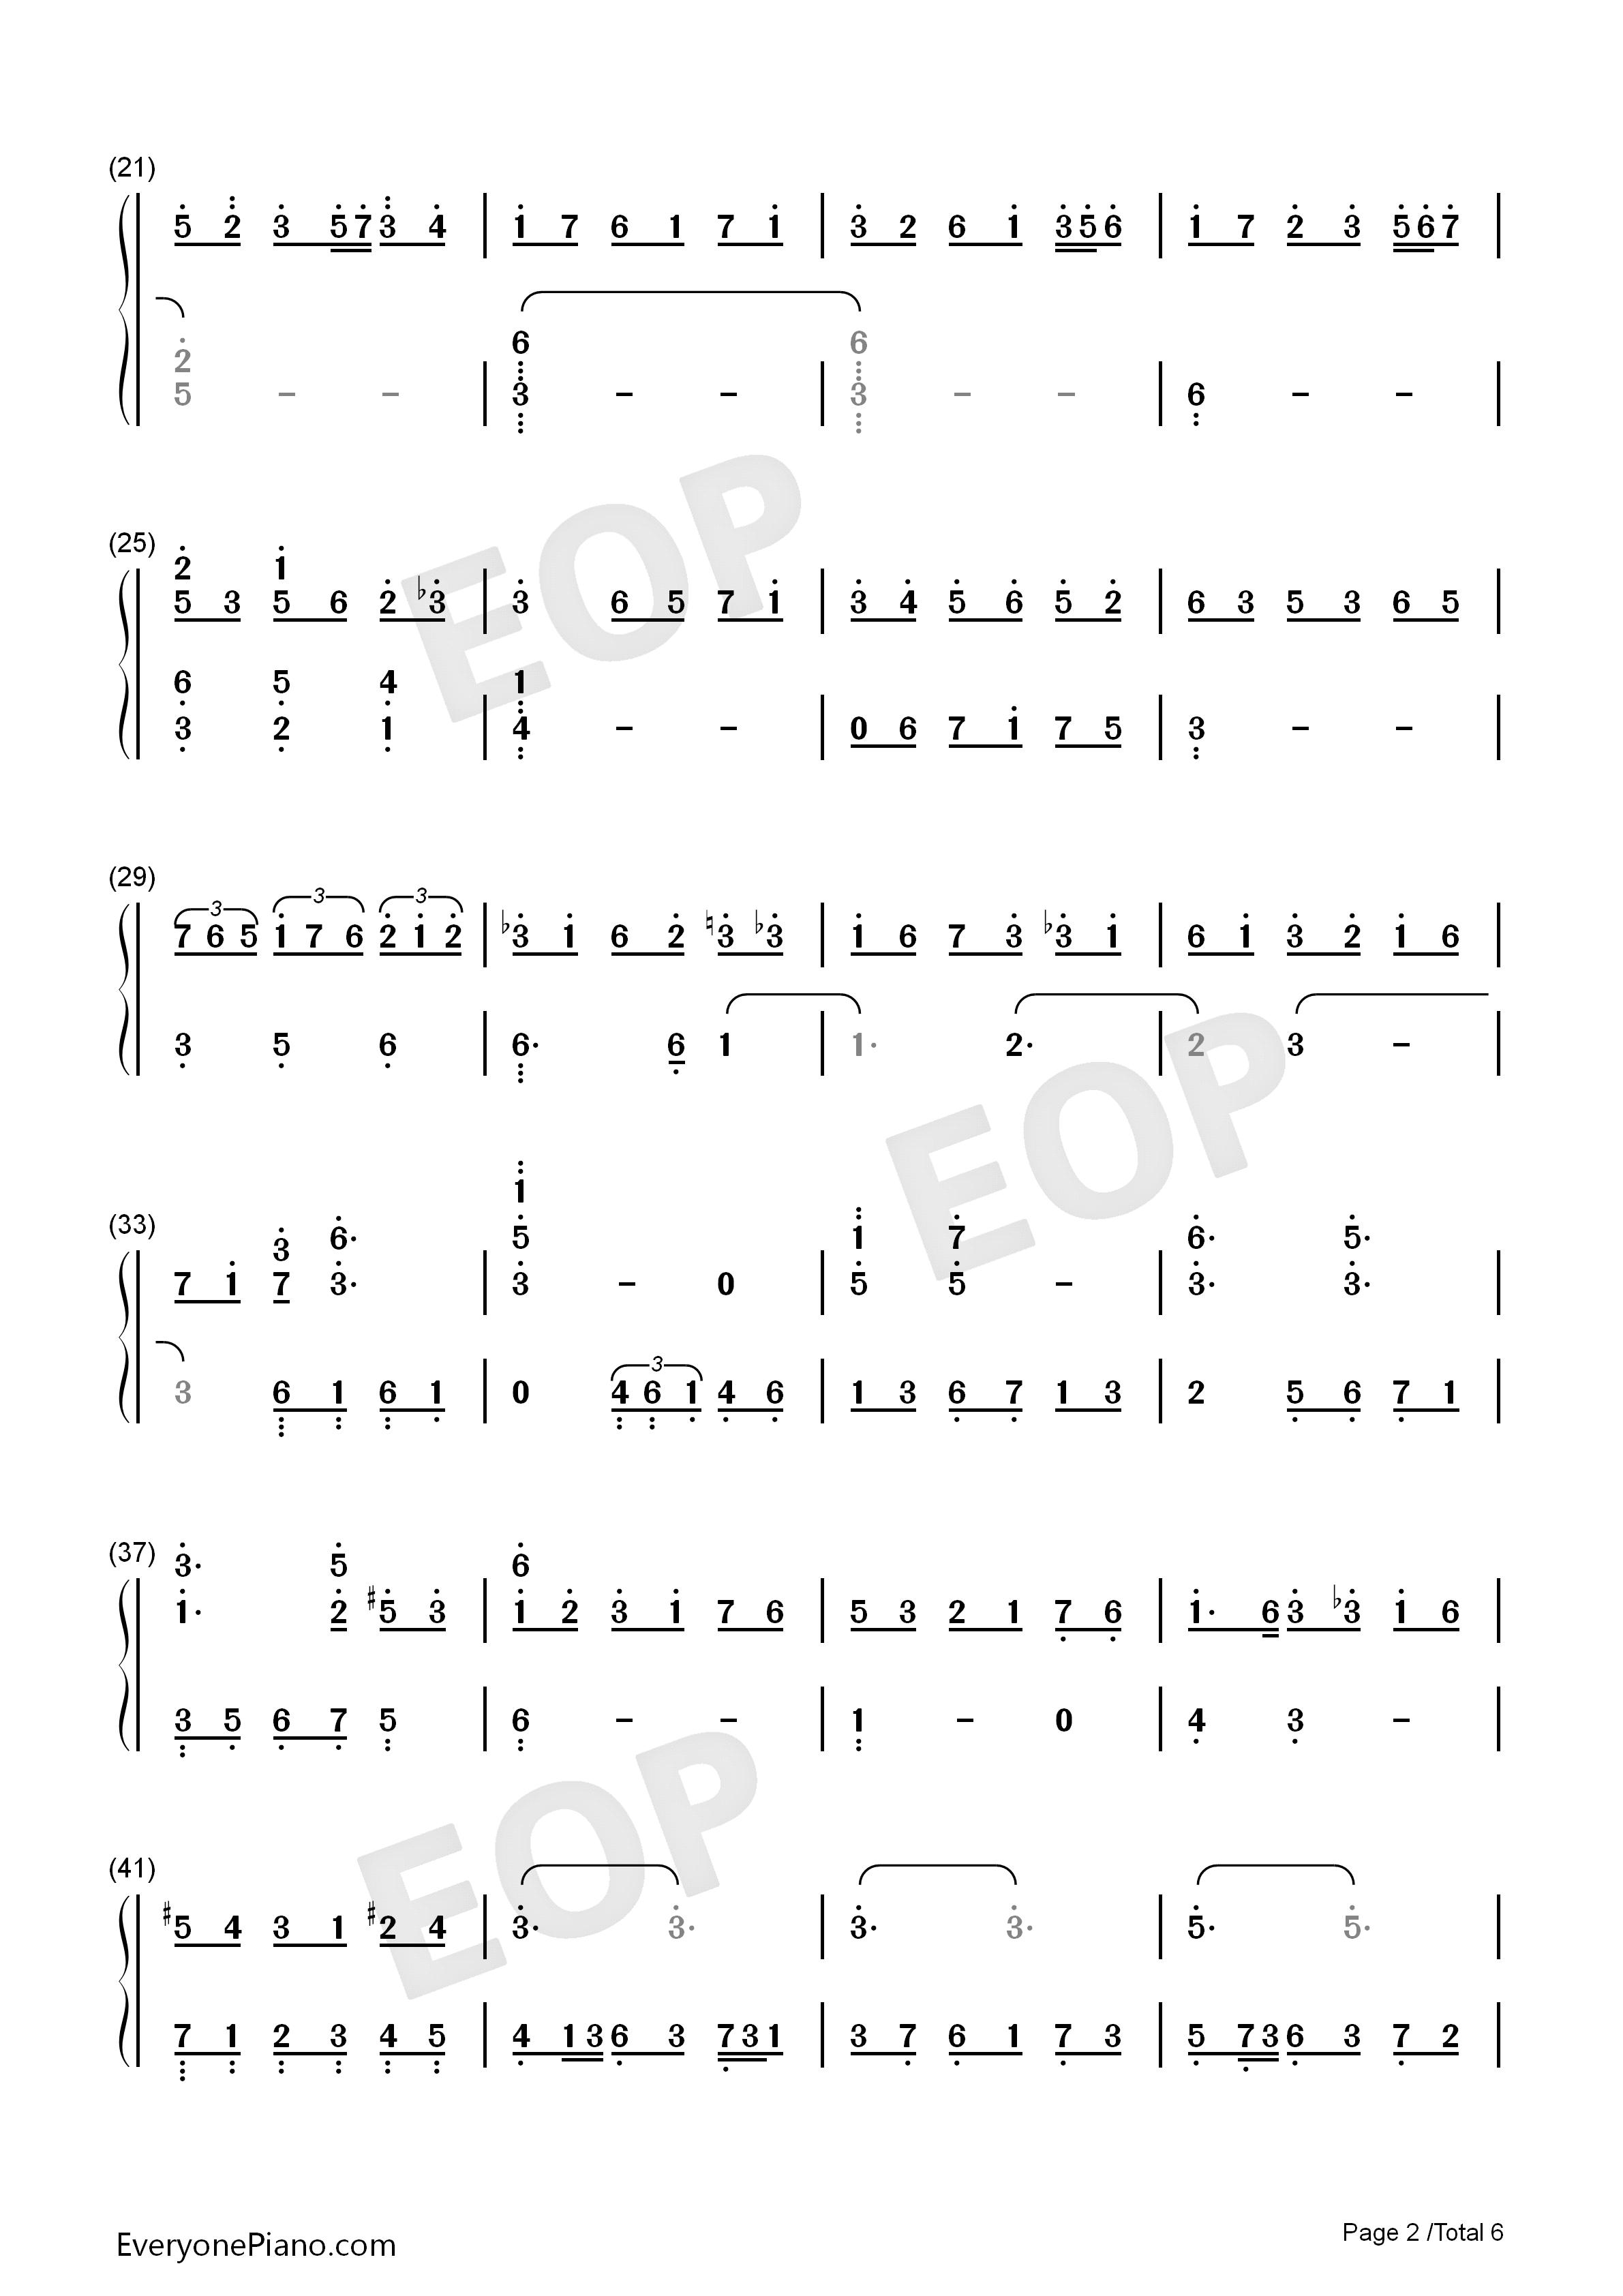 rain-《言叶之庭》ost-eop教学曲双手简谱2